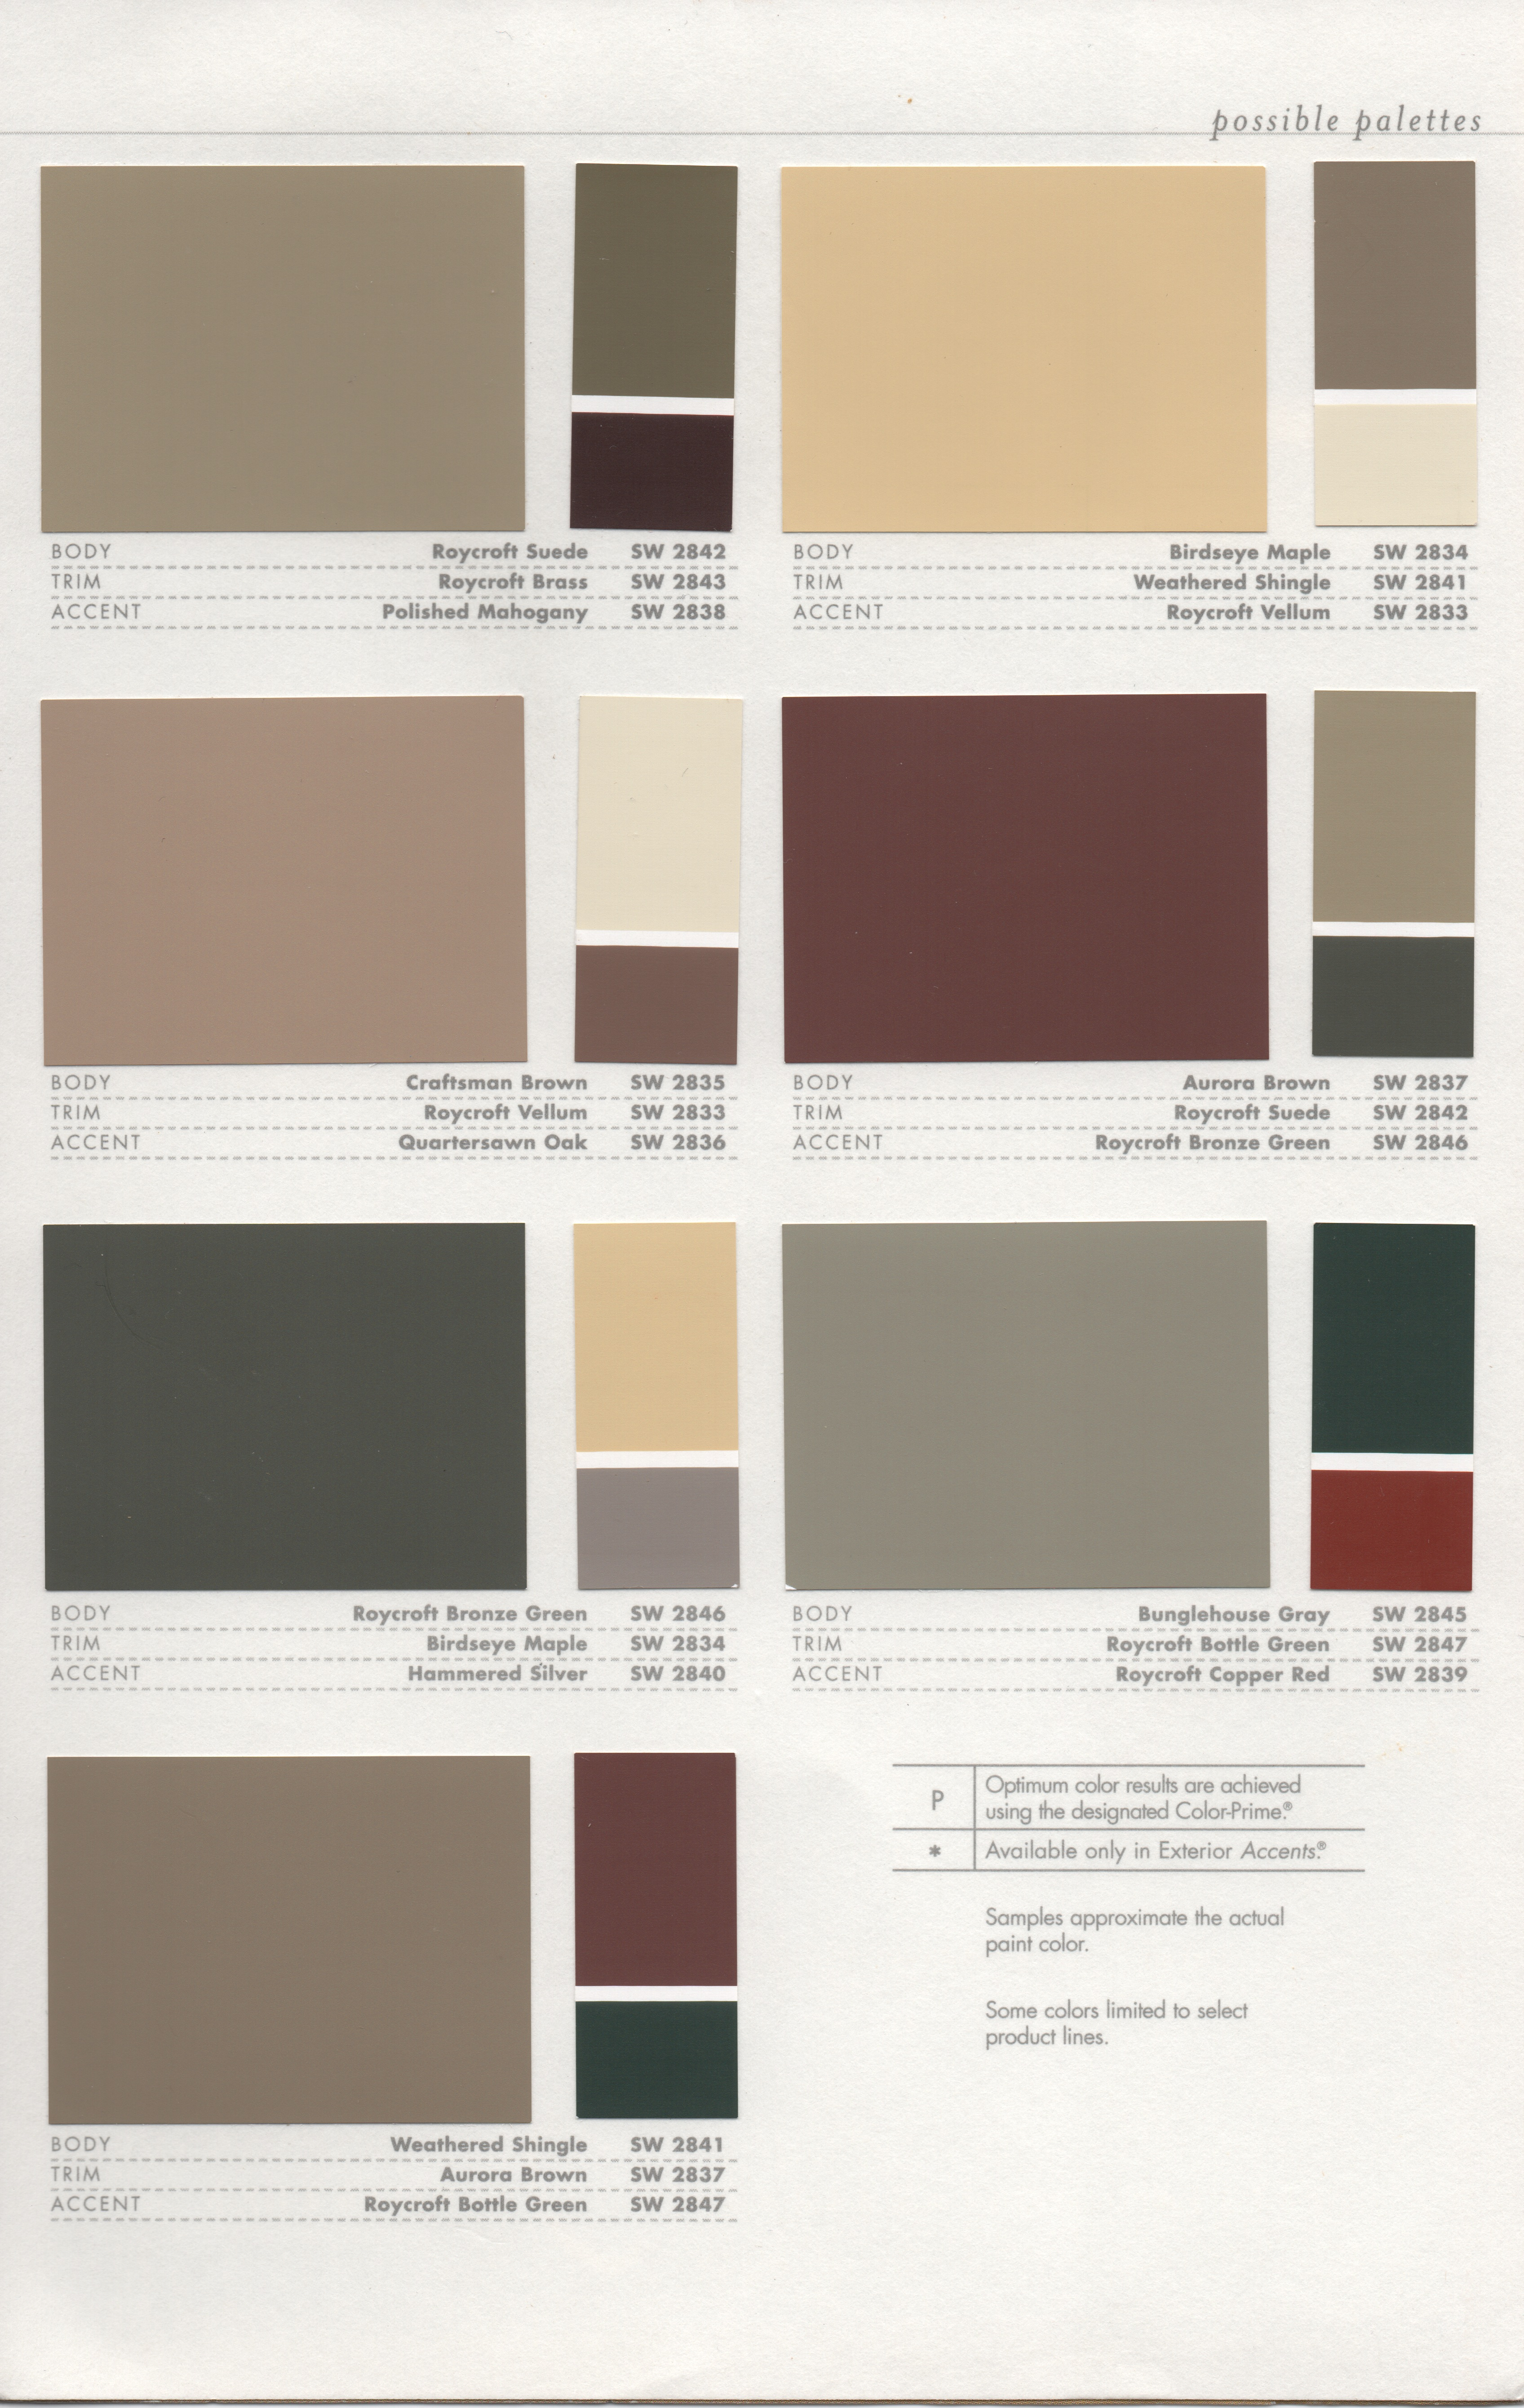 Groovy Paint Colour Scheme Historic Paint Colors Pt 2 Como Bungalow Pin Largest Home Design Picture Inspirations Pitcheantrous